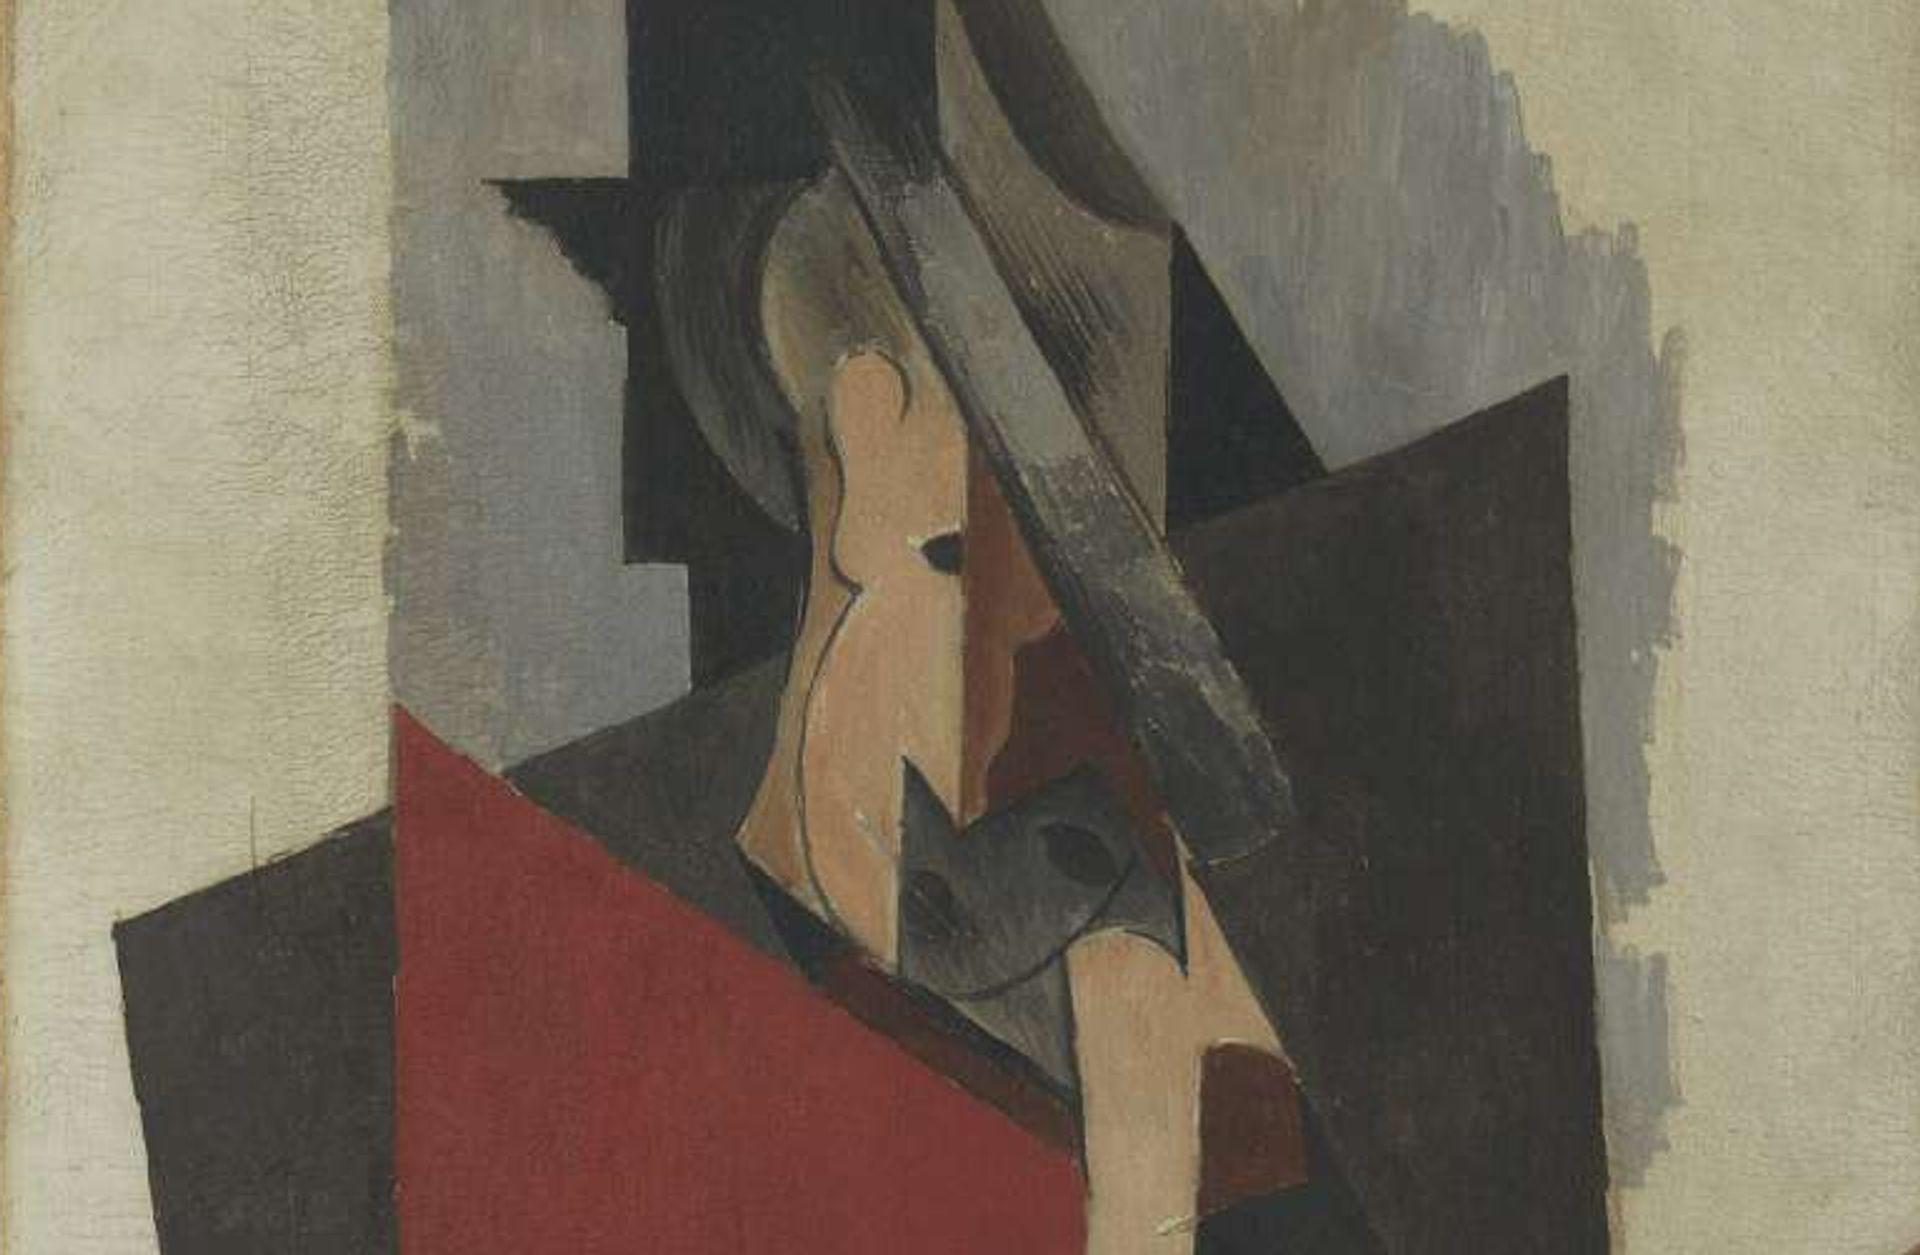 Detail of Pablo Picasso, Hombre sentado (1917) showing deep cracks Photo by Gasull Fotografia